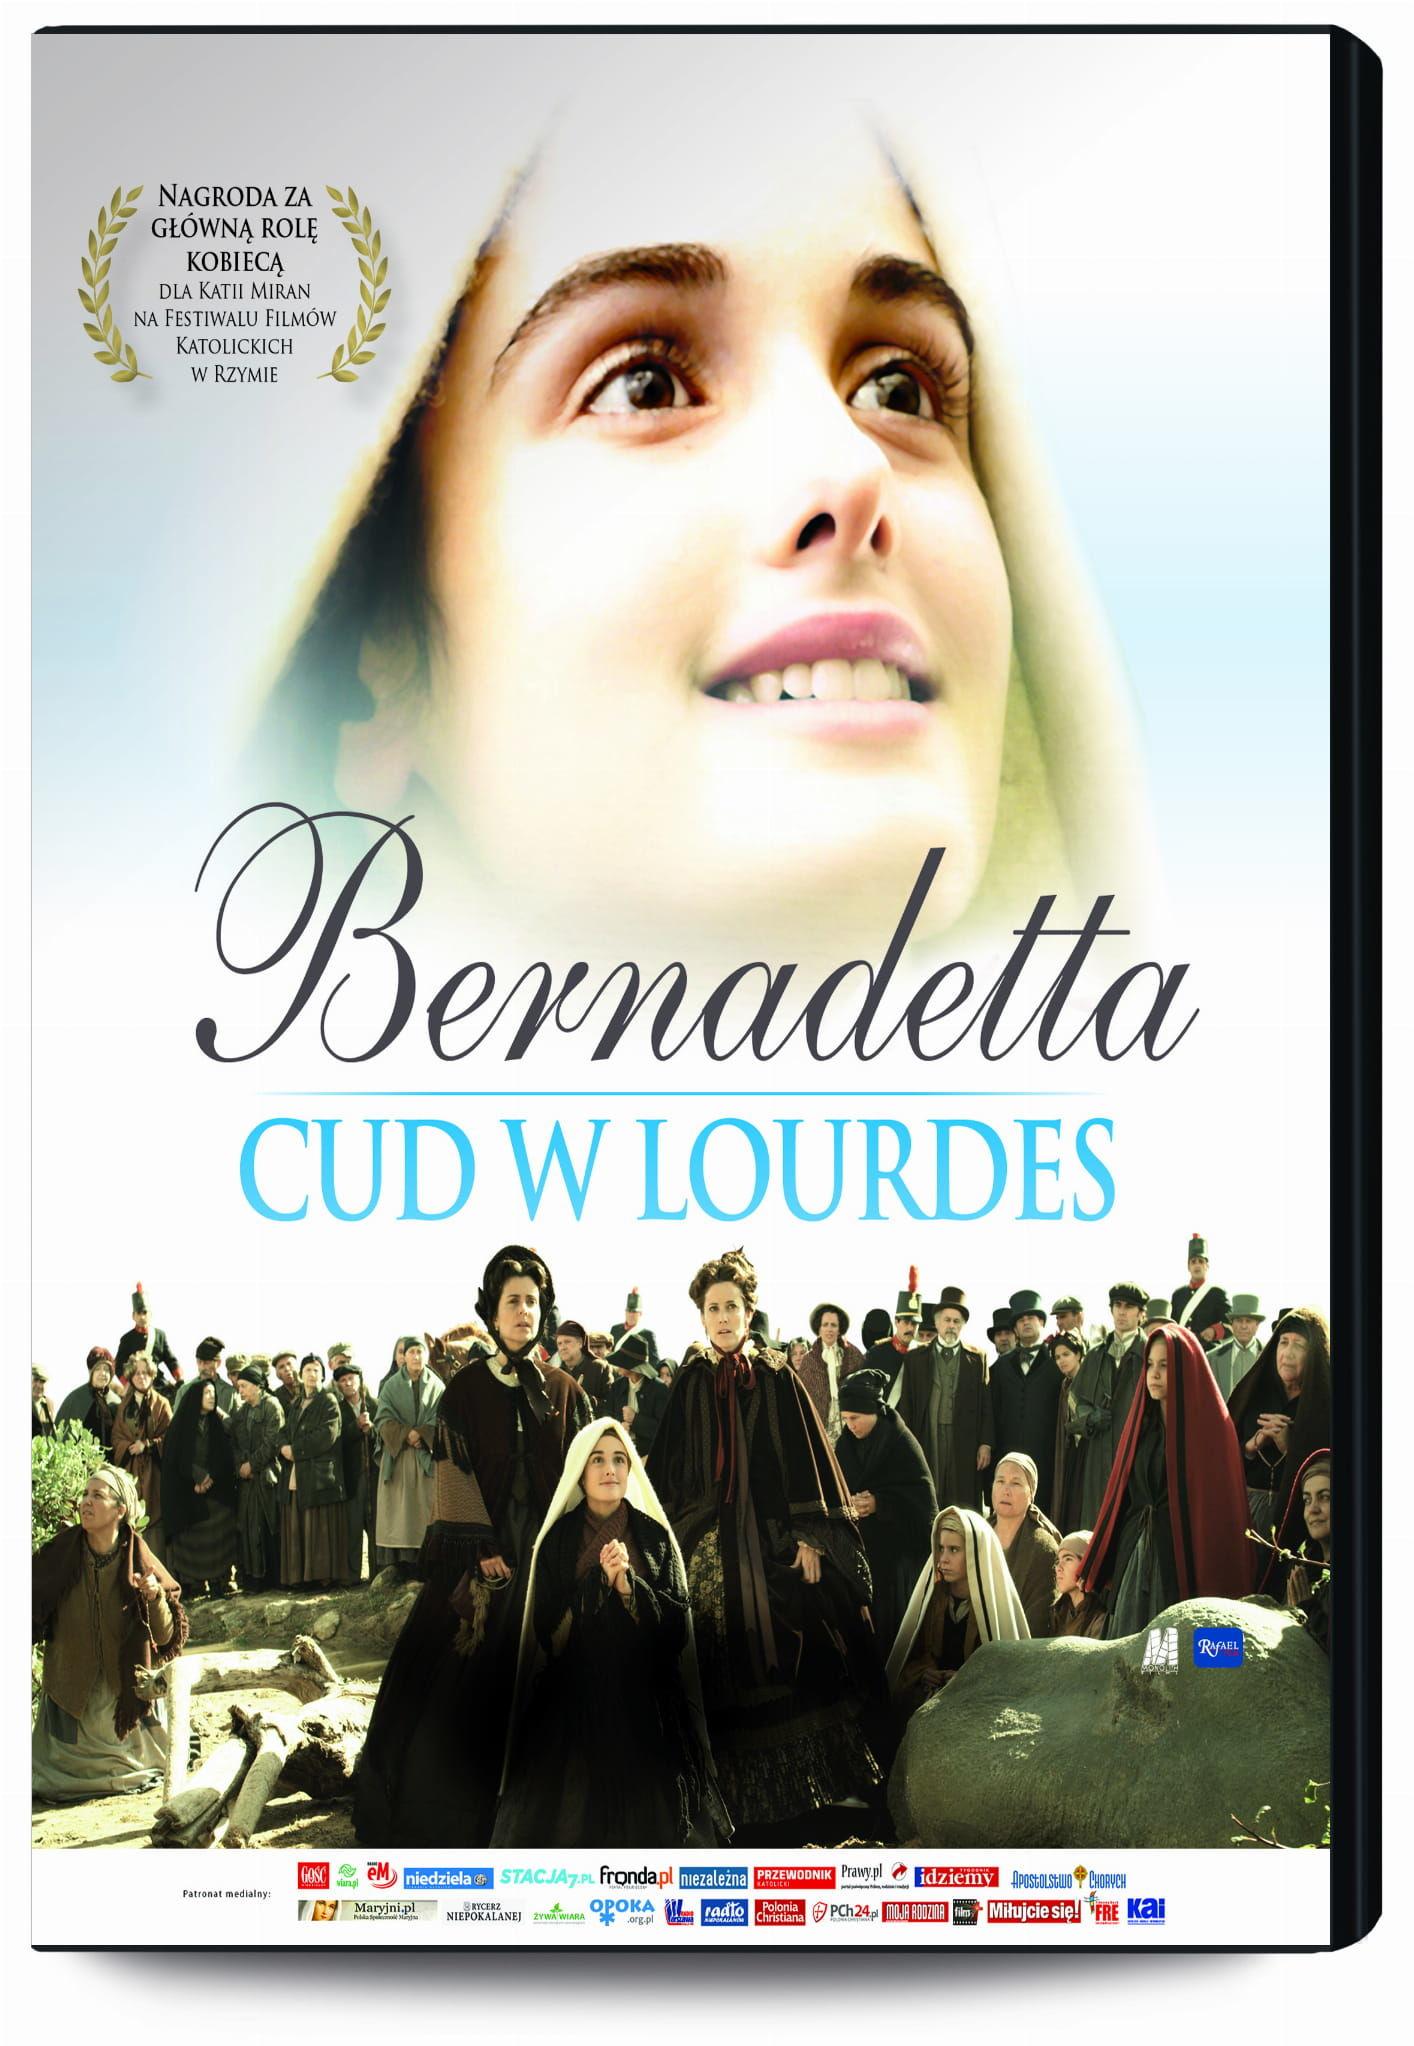 Lourdes, historia i kult. 160. rocznica objawień. Wydanie z filmem DVD-Bernadetta Cud w Lourdes